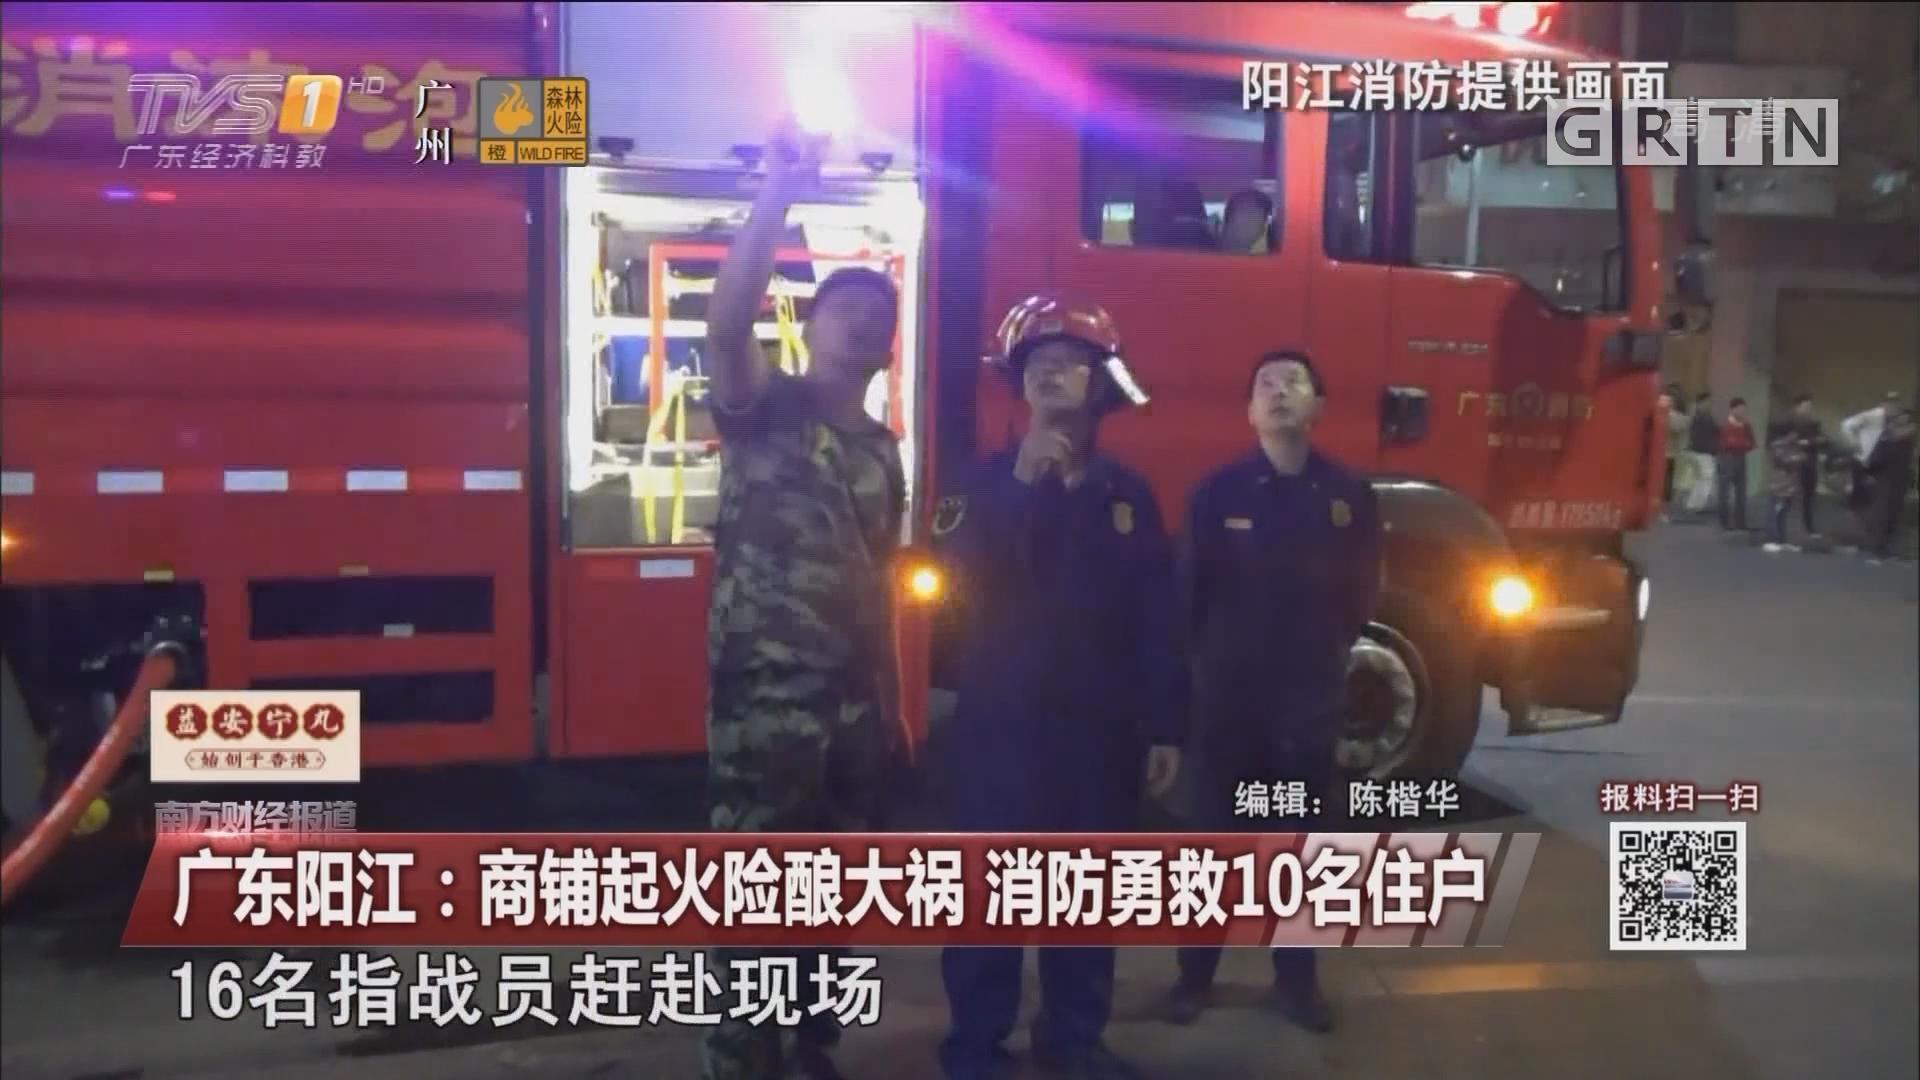 广东阳江:商铺起火险酿大祸 消防勇救10名住户